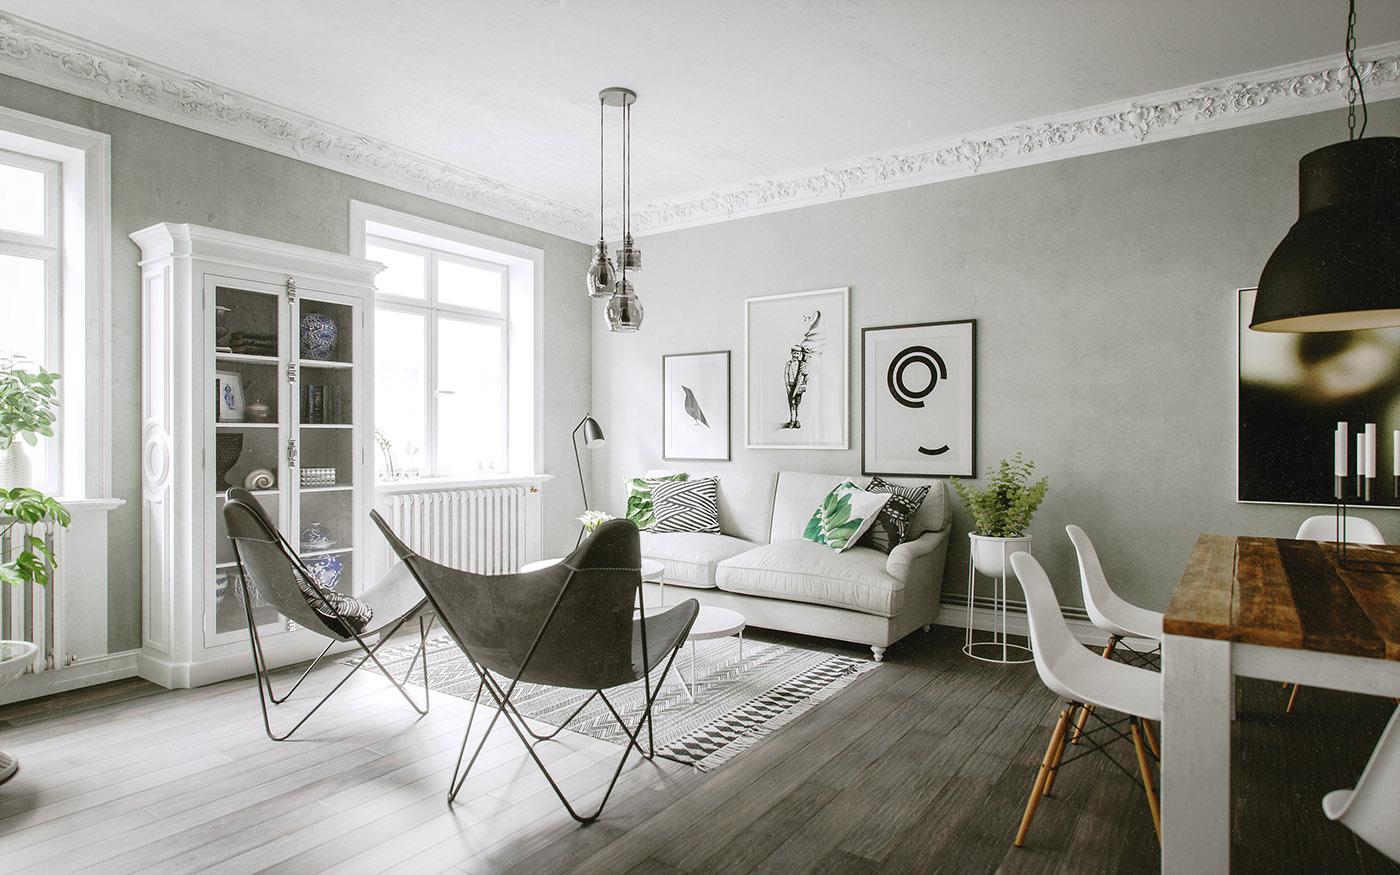 Deco en verde y gris virlova style for Corredor deco blanco y gris